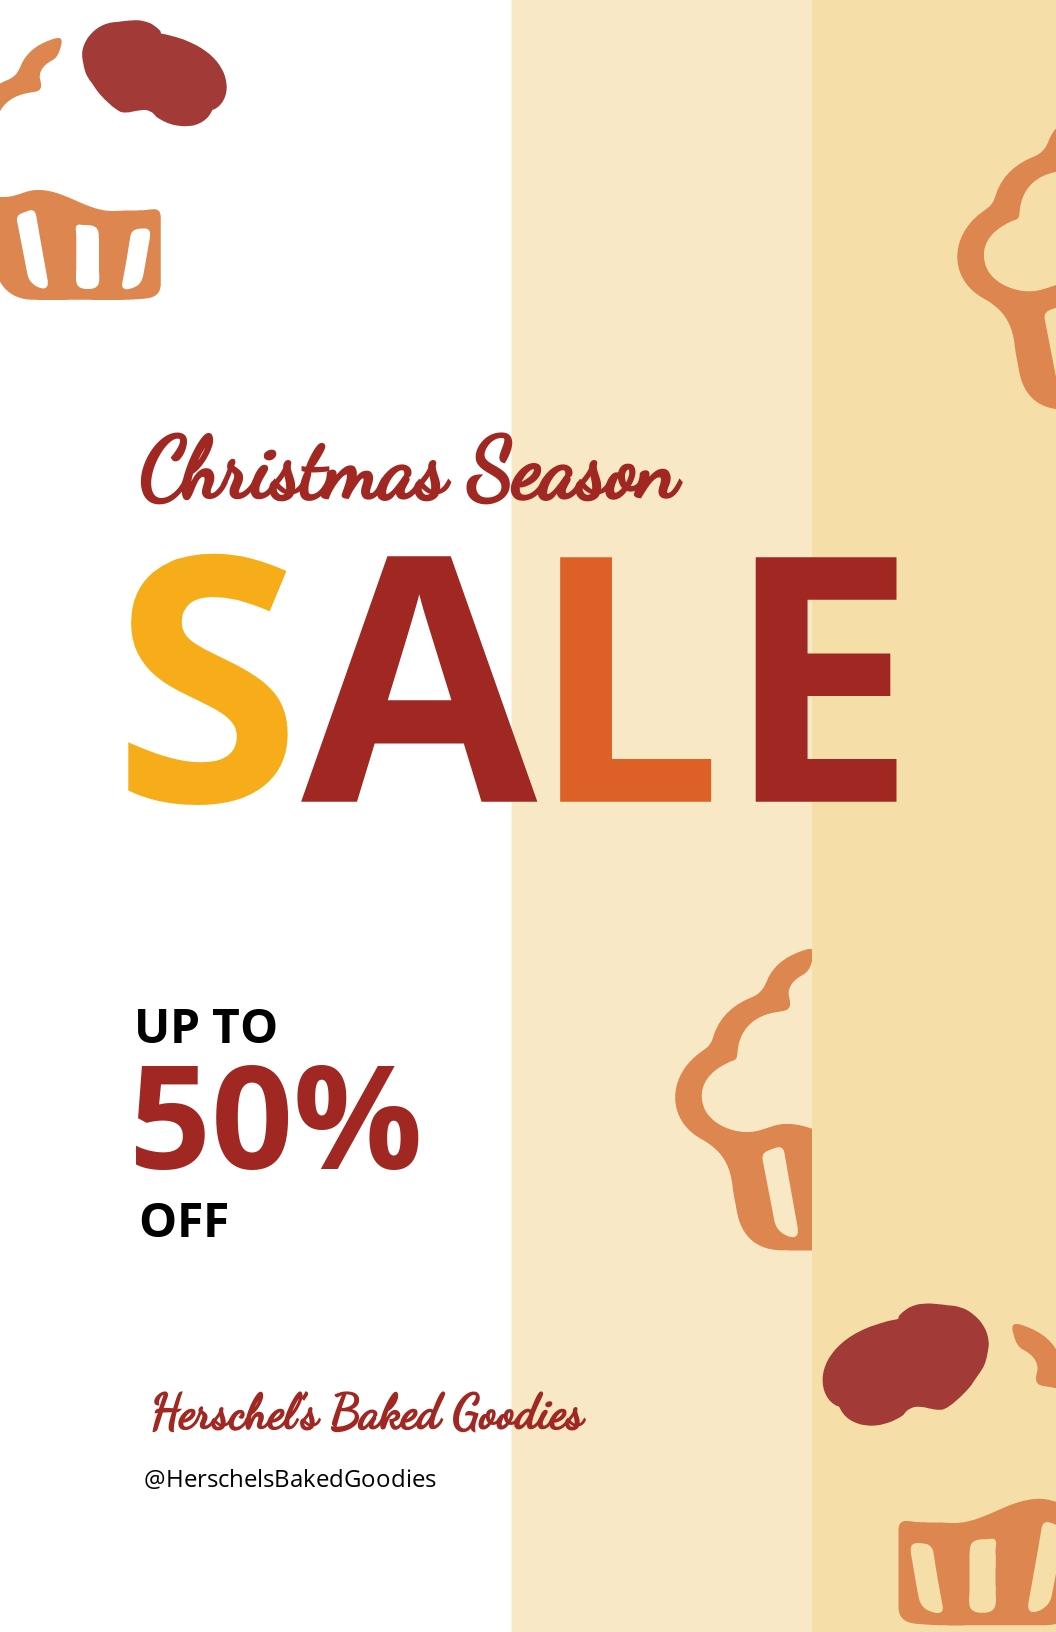 Christmas Bake Sale Poster Template